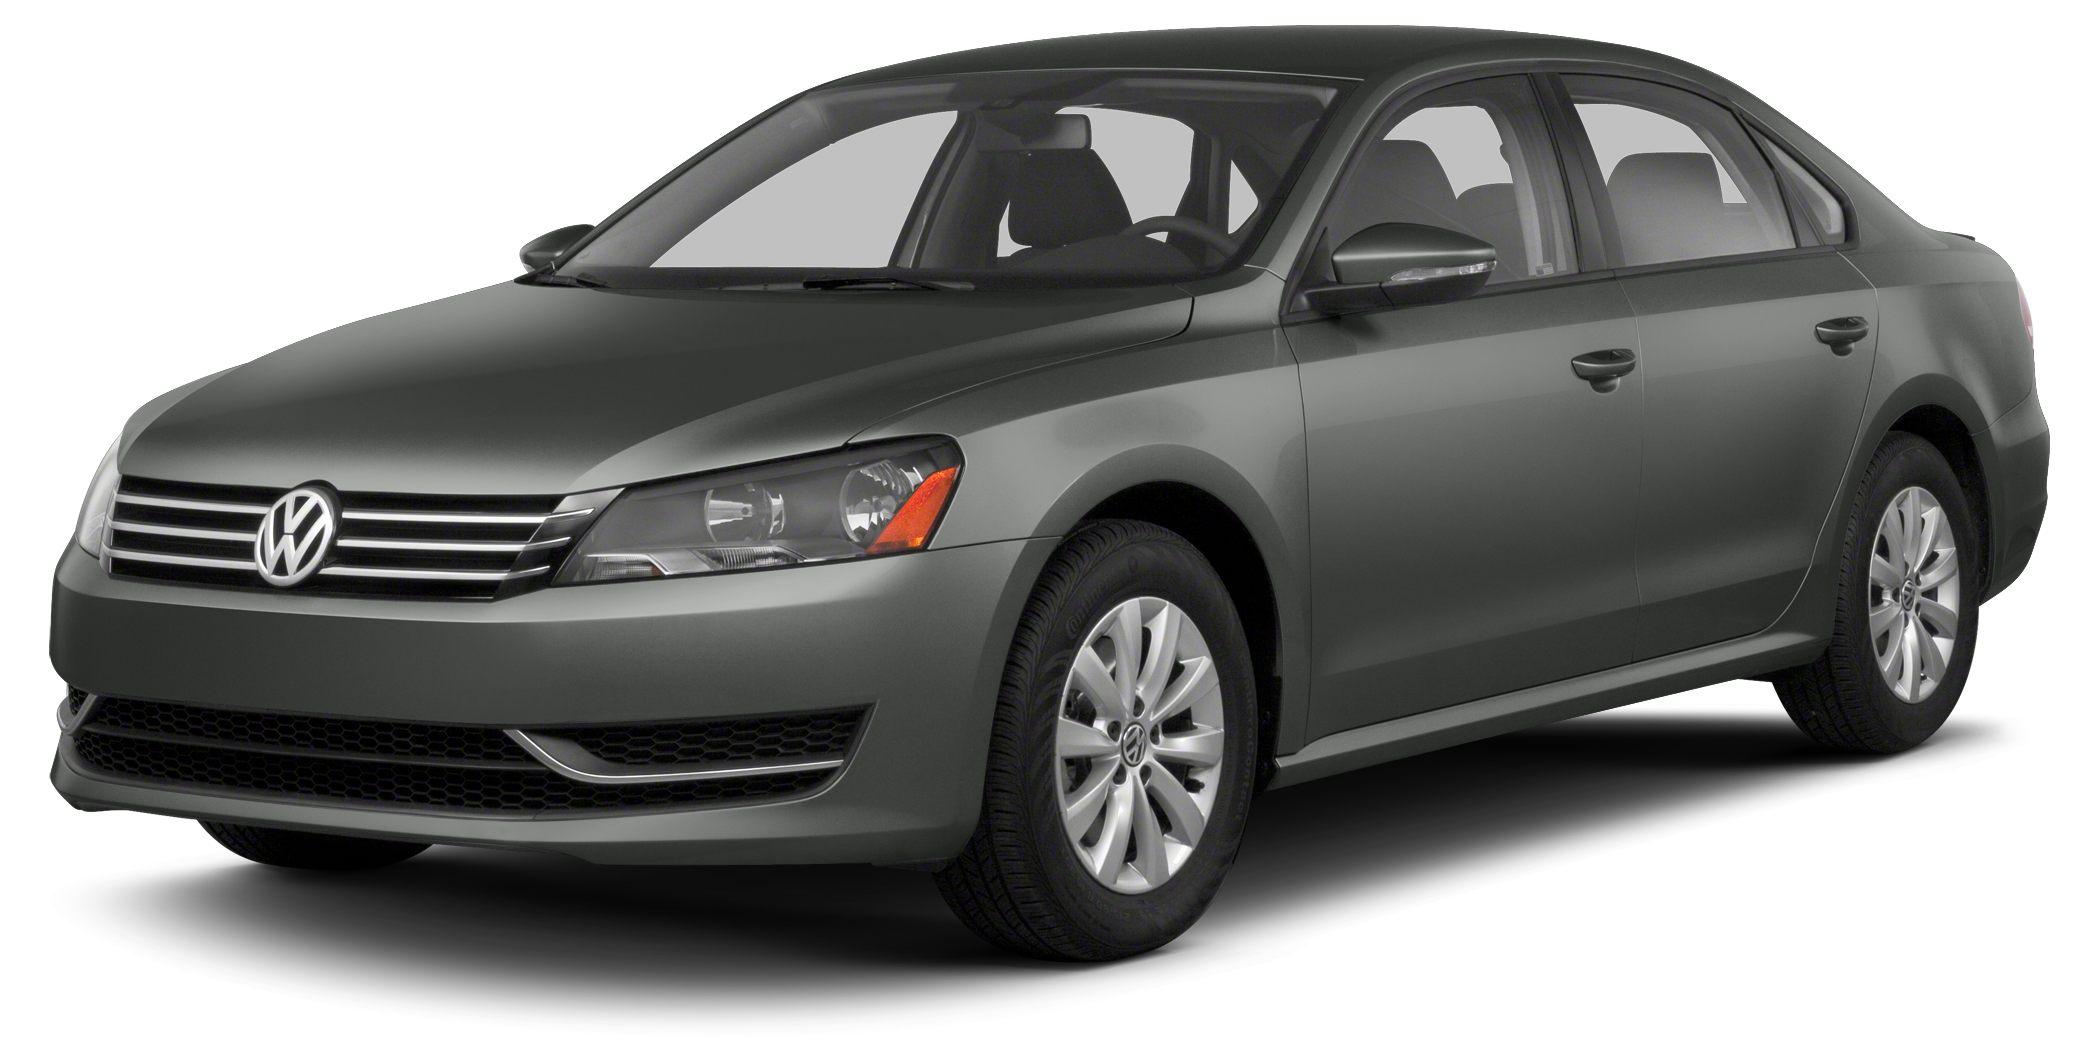 2013 Volkswagen Passat 25 SE CARFAX One-Owner Gray 2013 Volkswagen Passat 25 SE wSunroofNav F